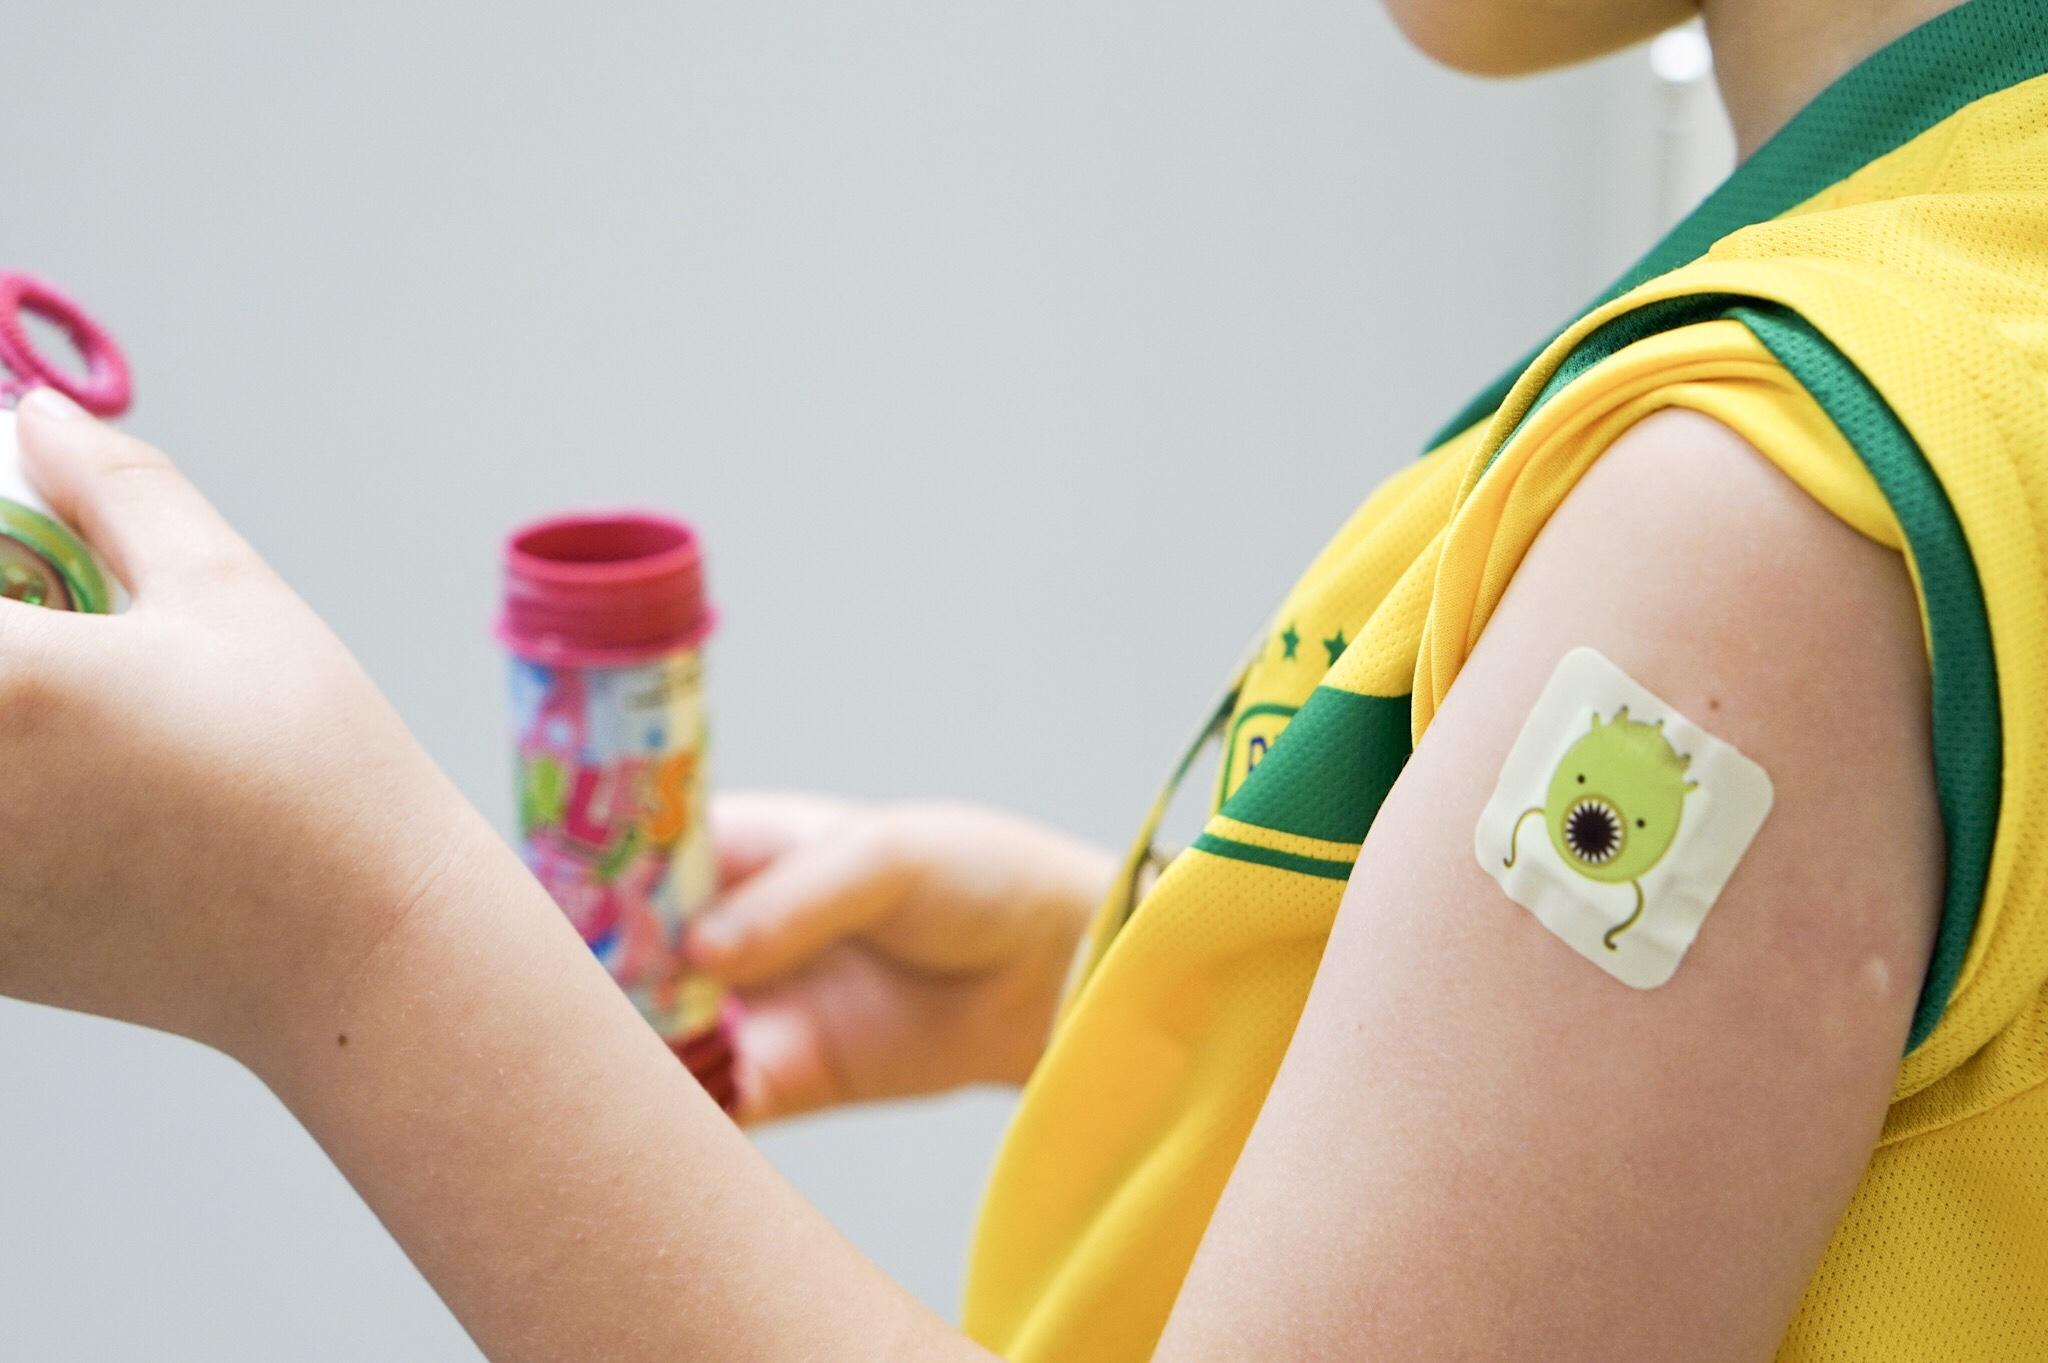 Tredje dosen av TBE-vaccinet - På Smällen!